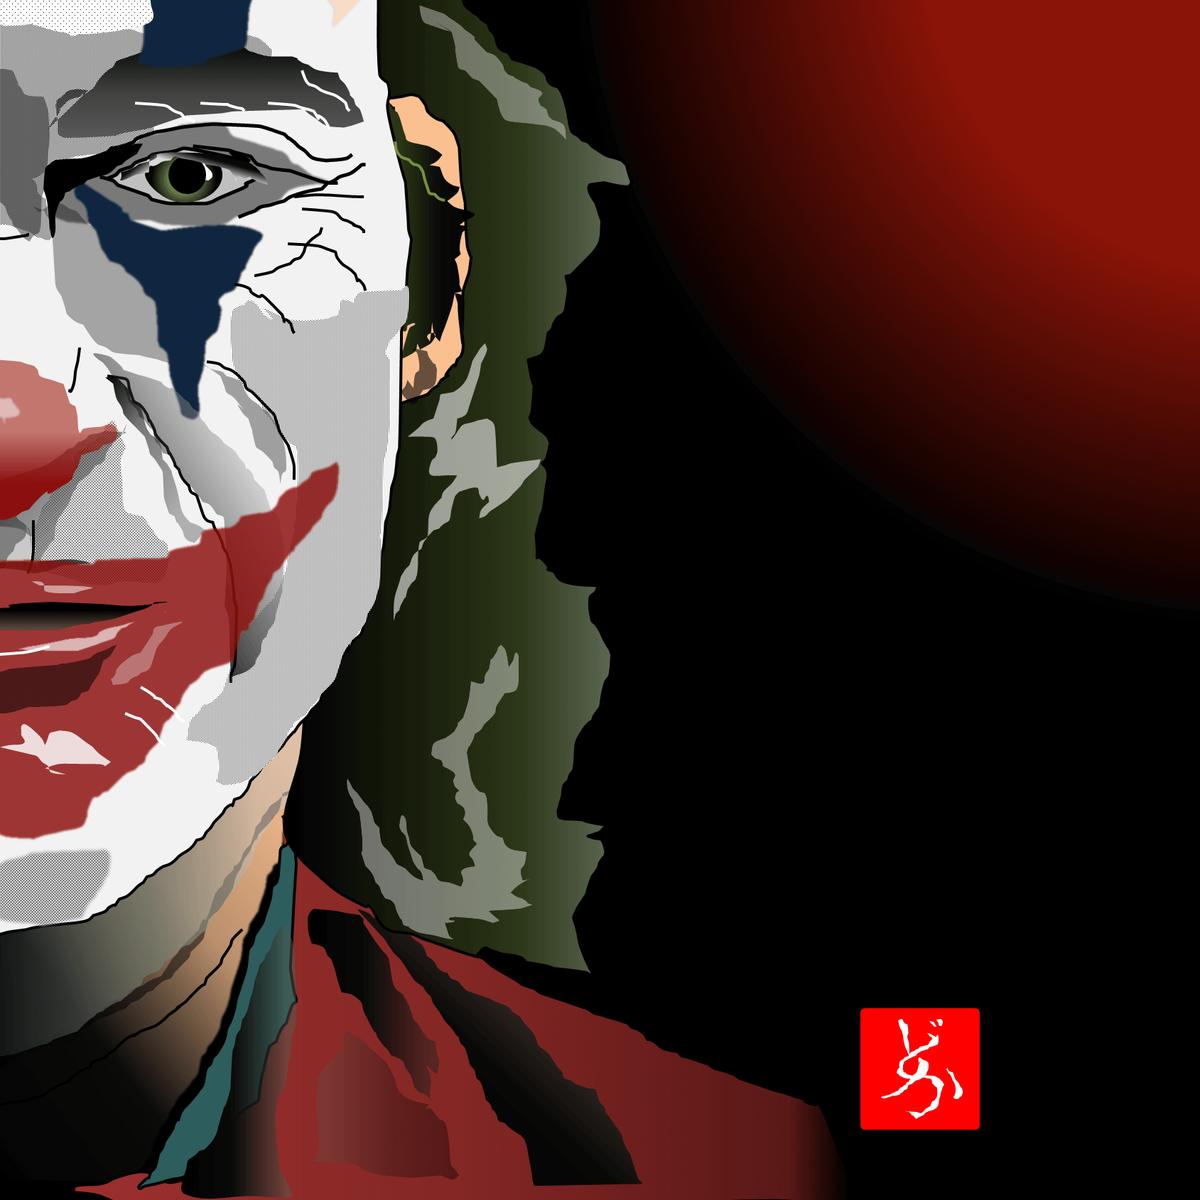 映画「ジョーカー」のエクセル画イラスト